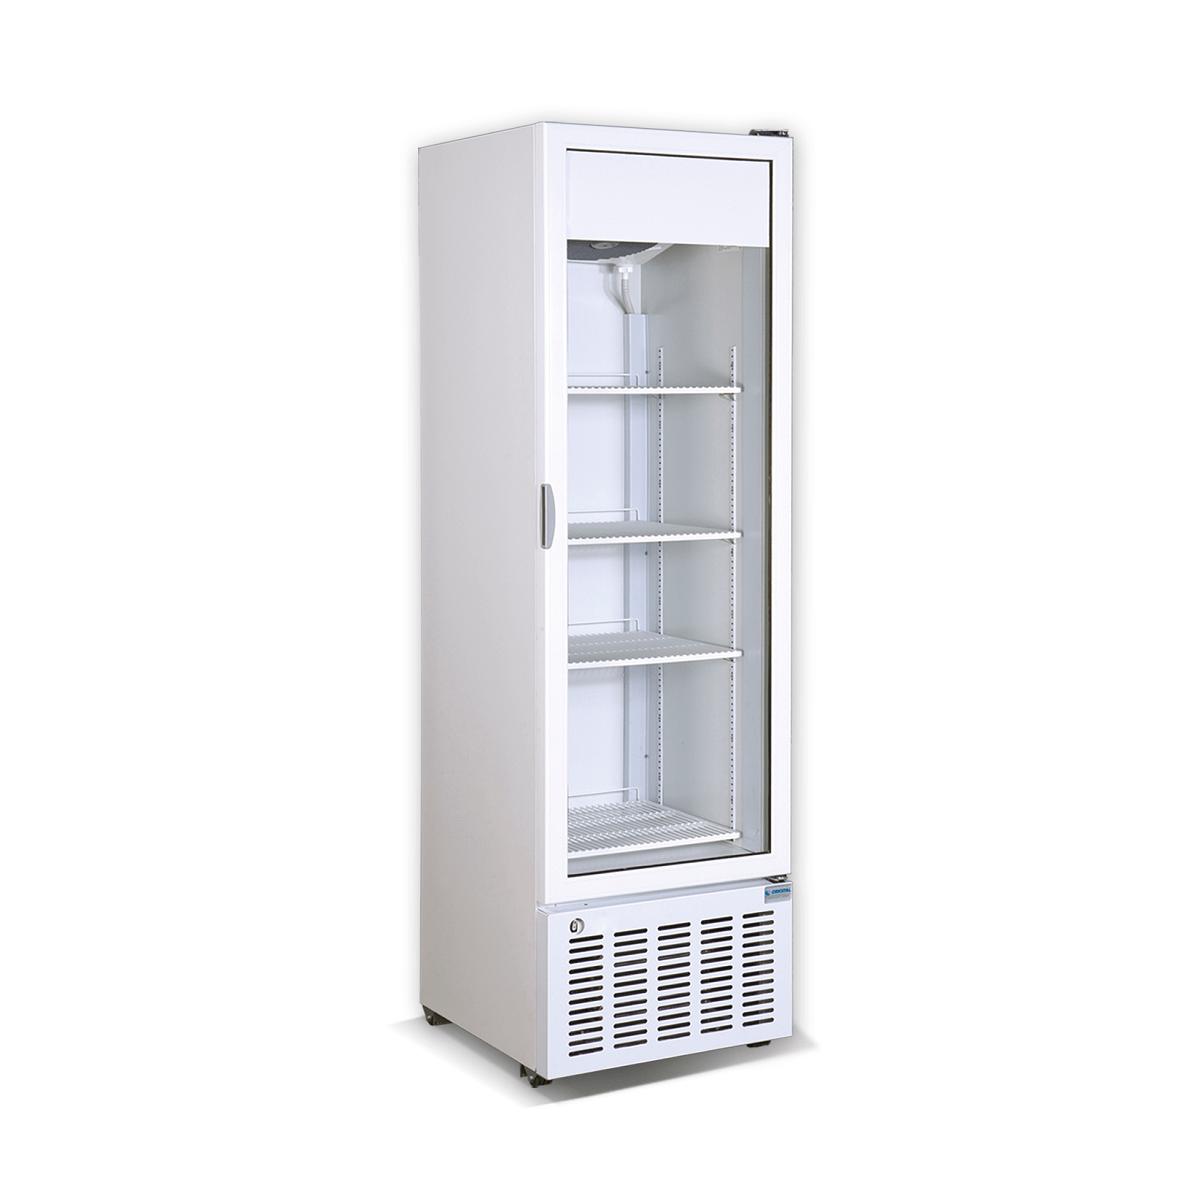 Vertical display cooler